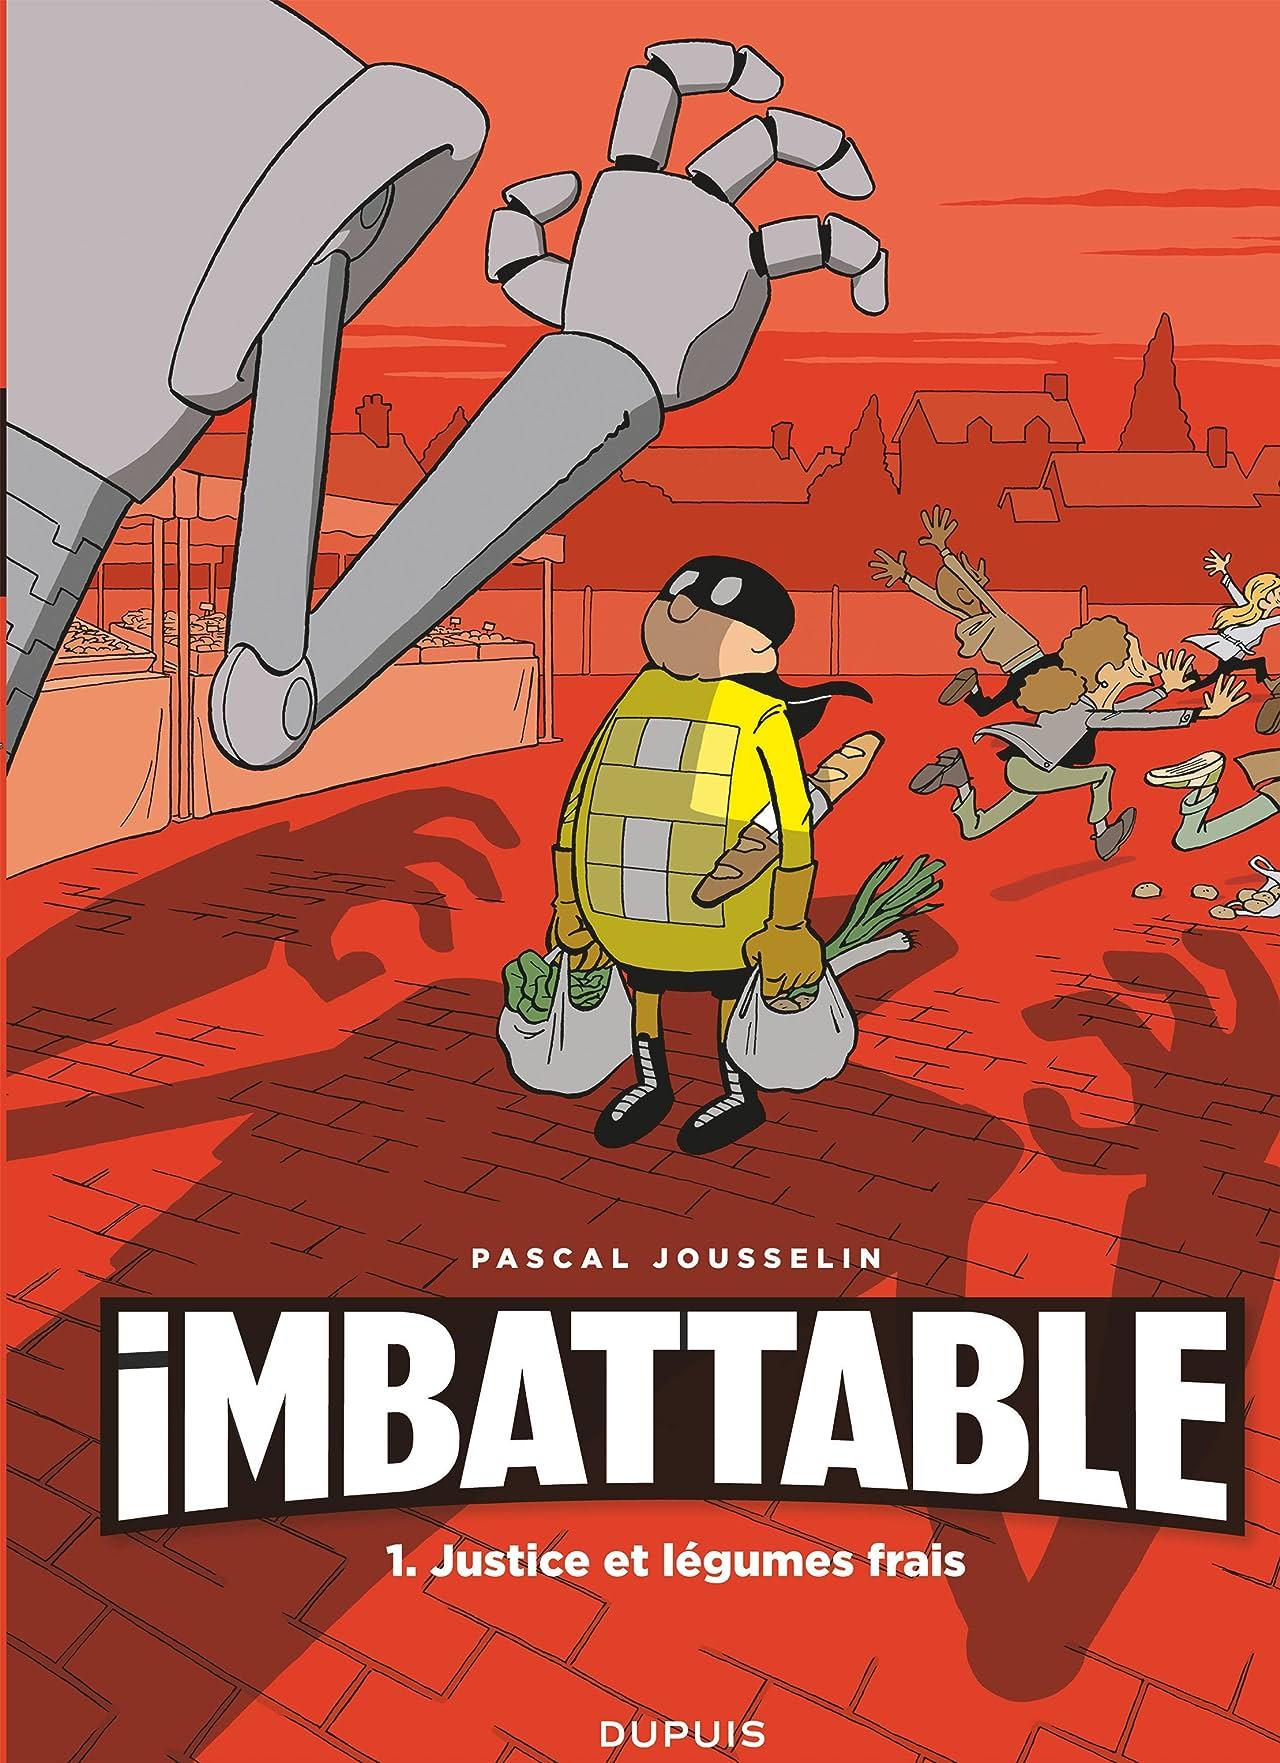 Imbattable Vol. 1: Justice et légumes frais